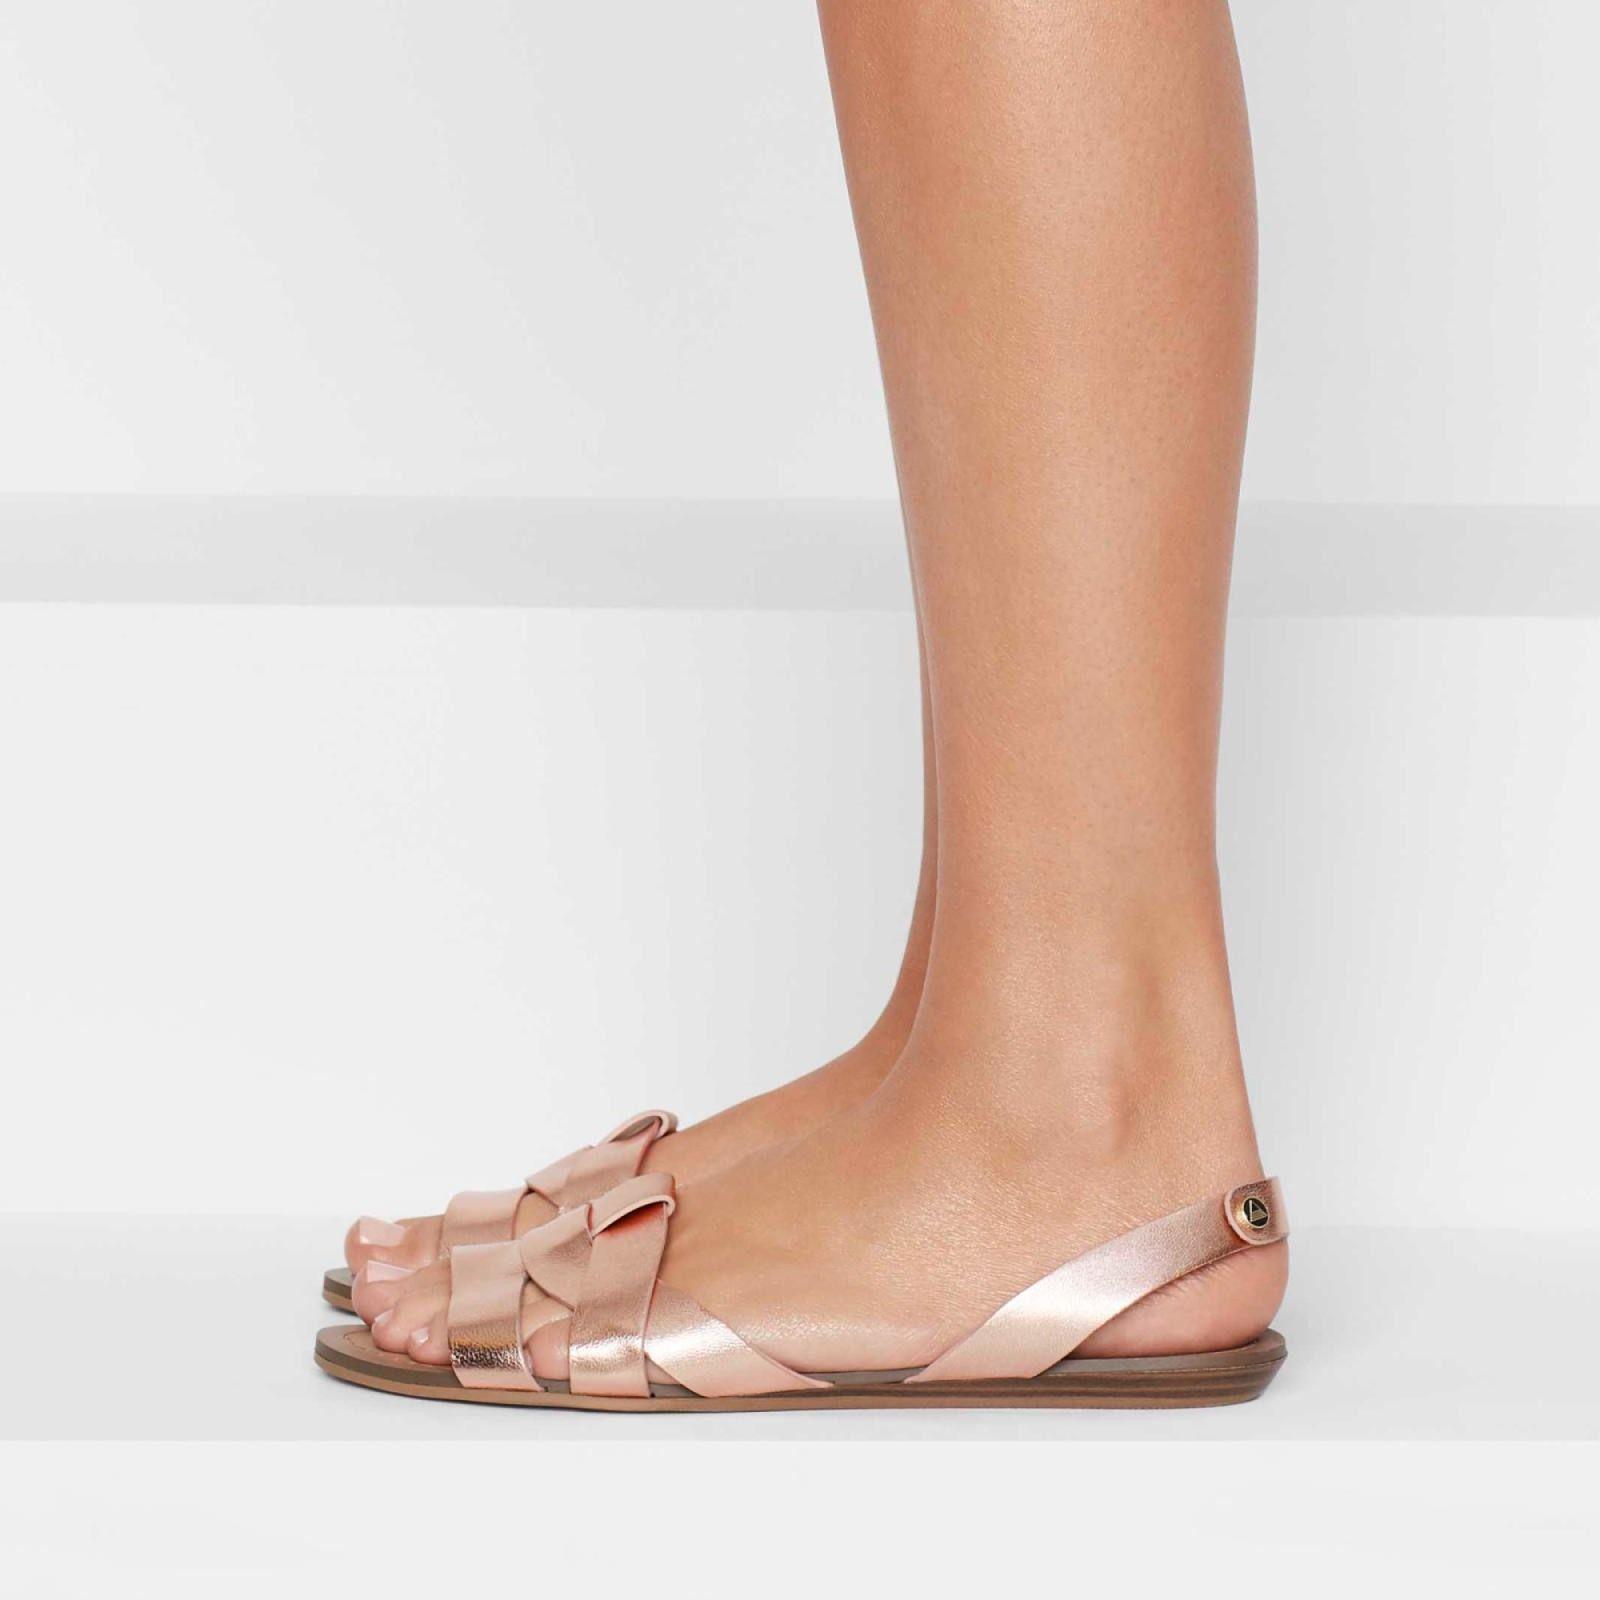 Womens sandals flat, Sandals, Womens